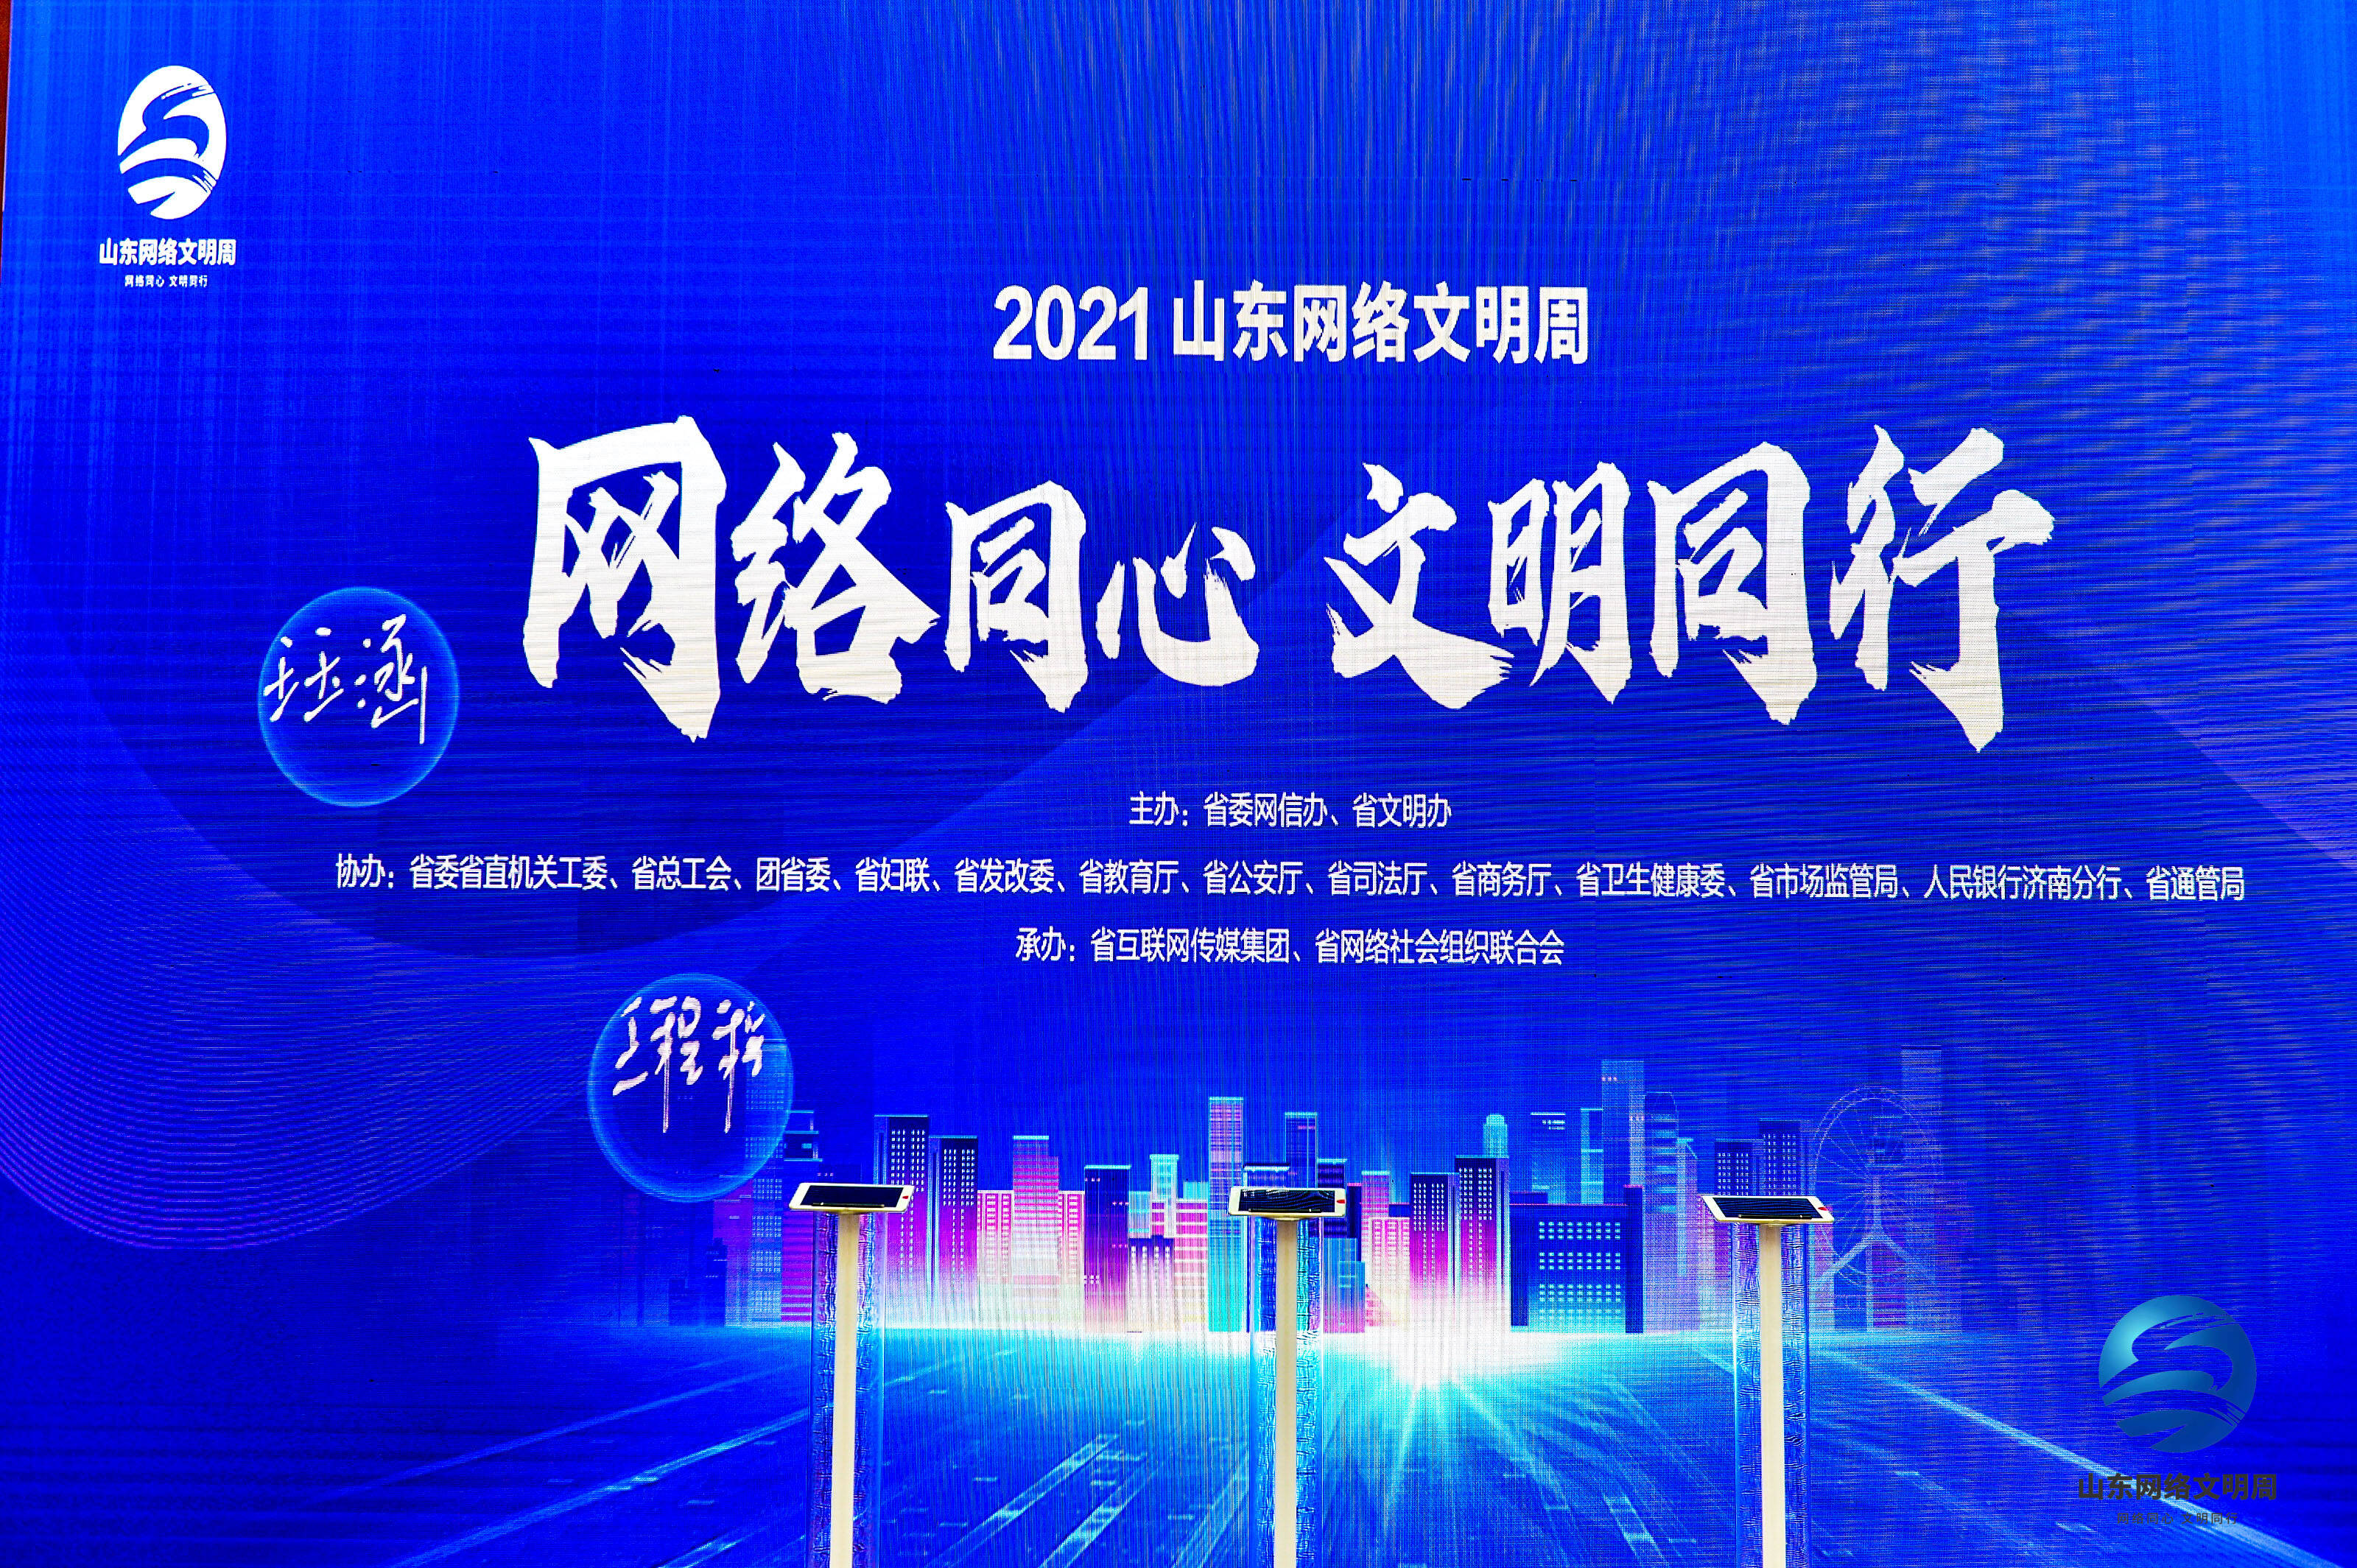 2021年度山东网络正能量榜样人物和优秀作品获奖者揭晓